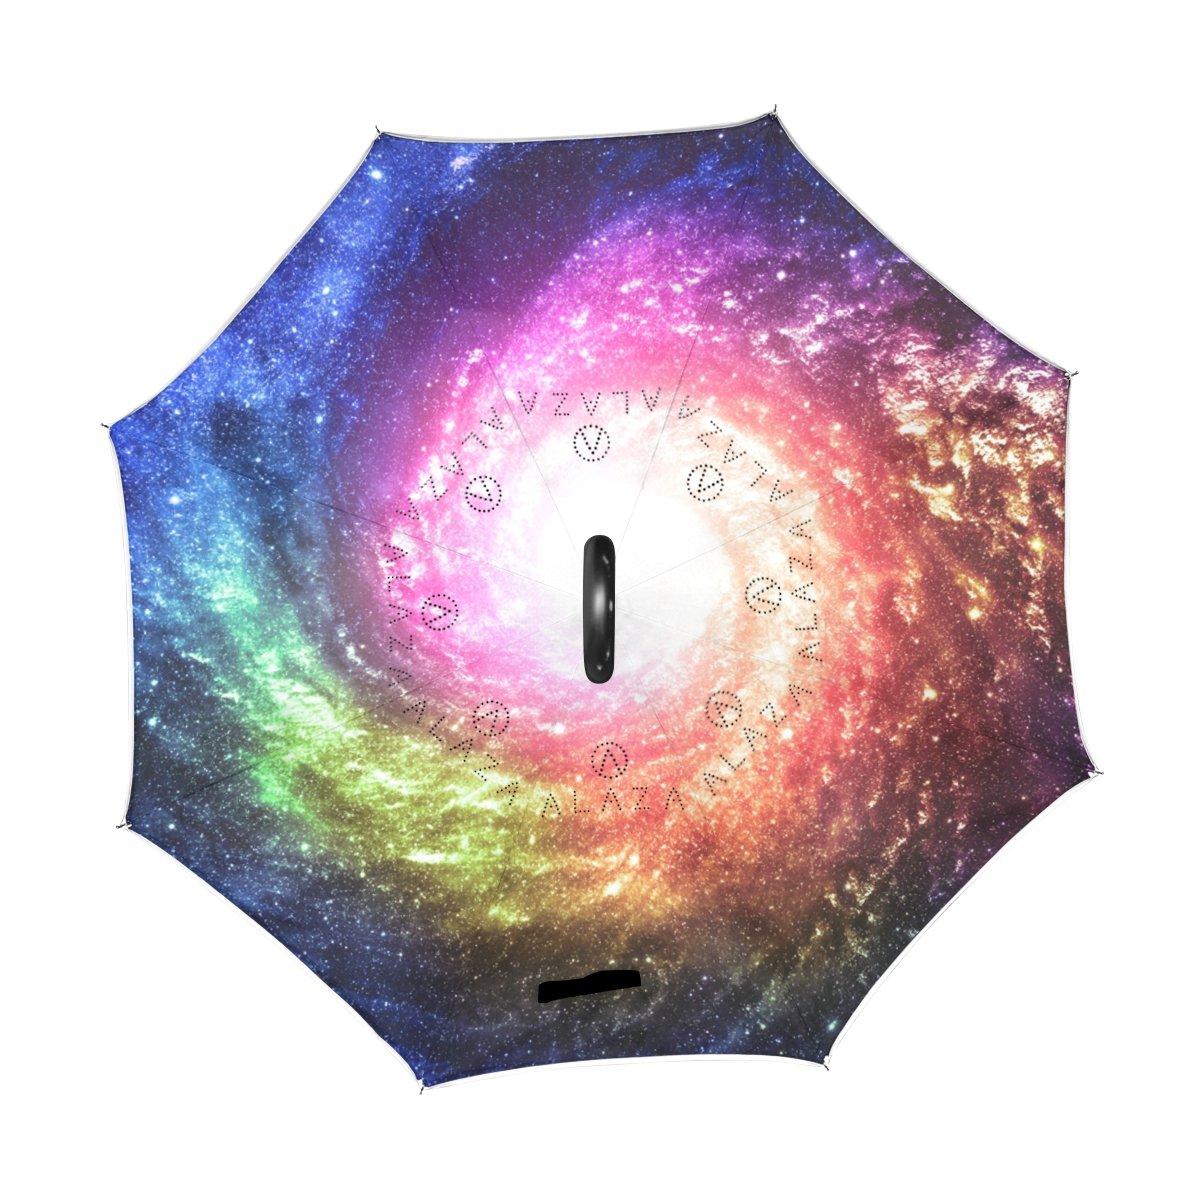 alaza Double Couche Inverted Voitures Umbrella Umbrella arri/ère color/é Galaxy /étoile de n/ébuleuse Coupe-Vent UV Proof Voyage Outdoor Umbrella